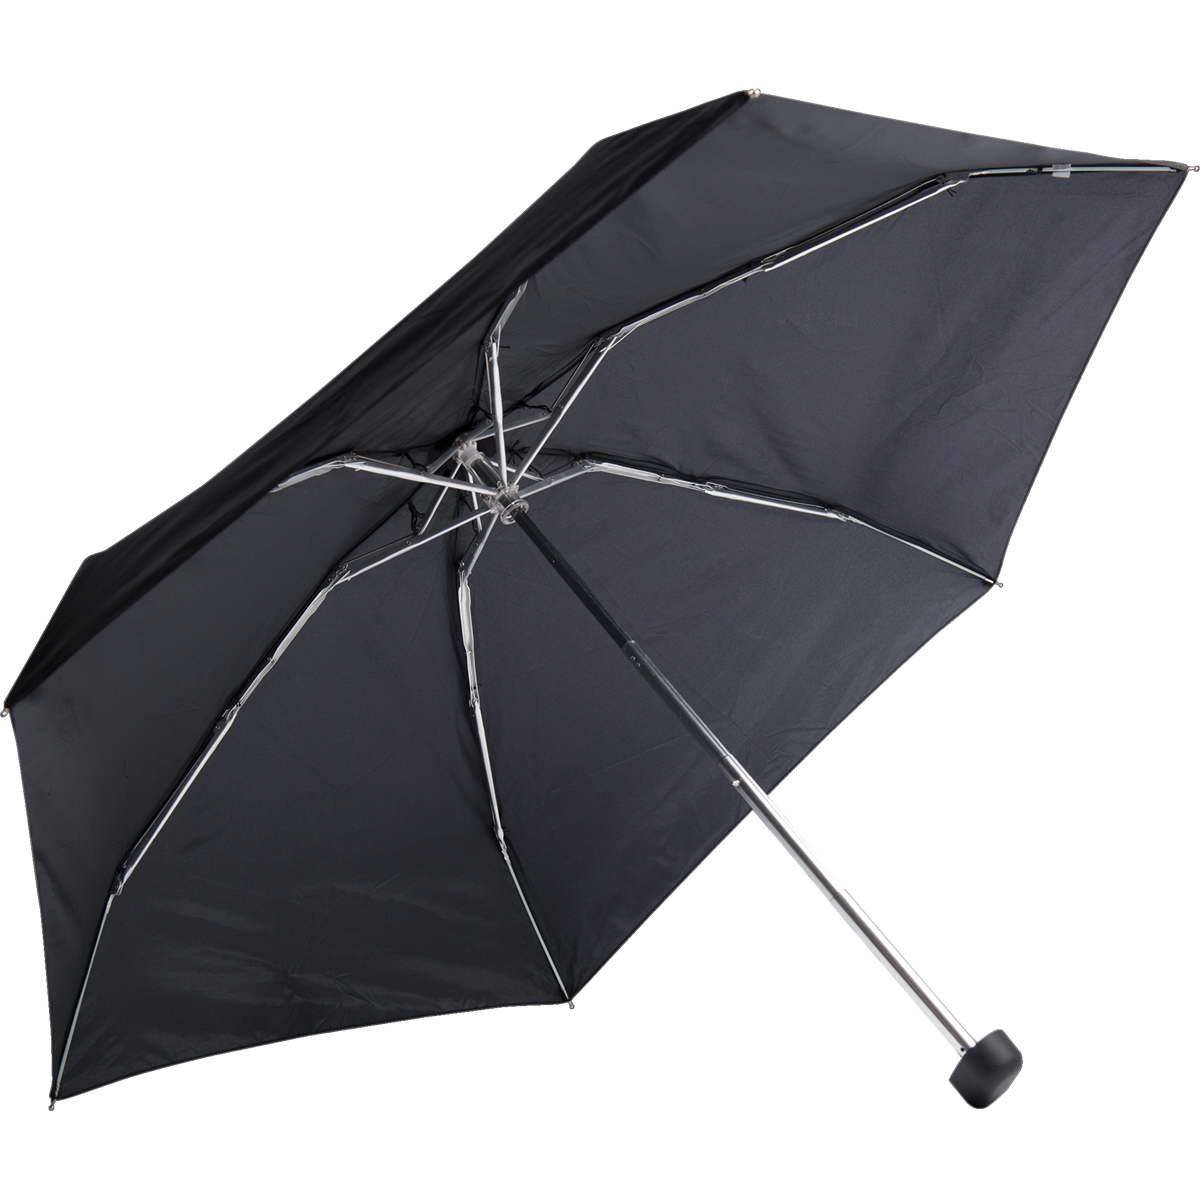 Sea to Summit ULTRA-SIL Trekking Umbrella - Regenschirm schwarz - Bild 3